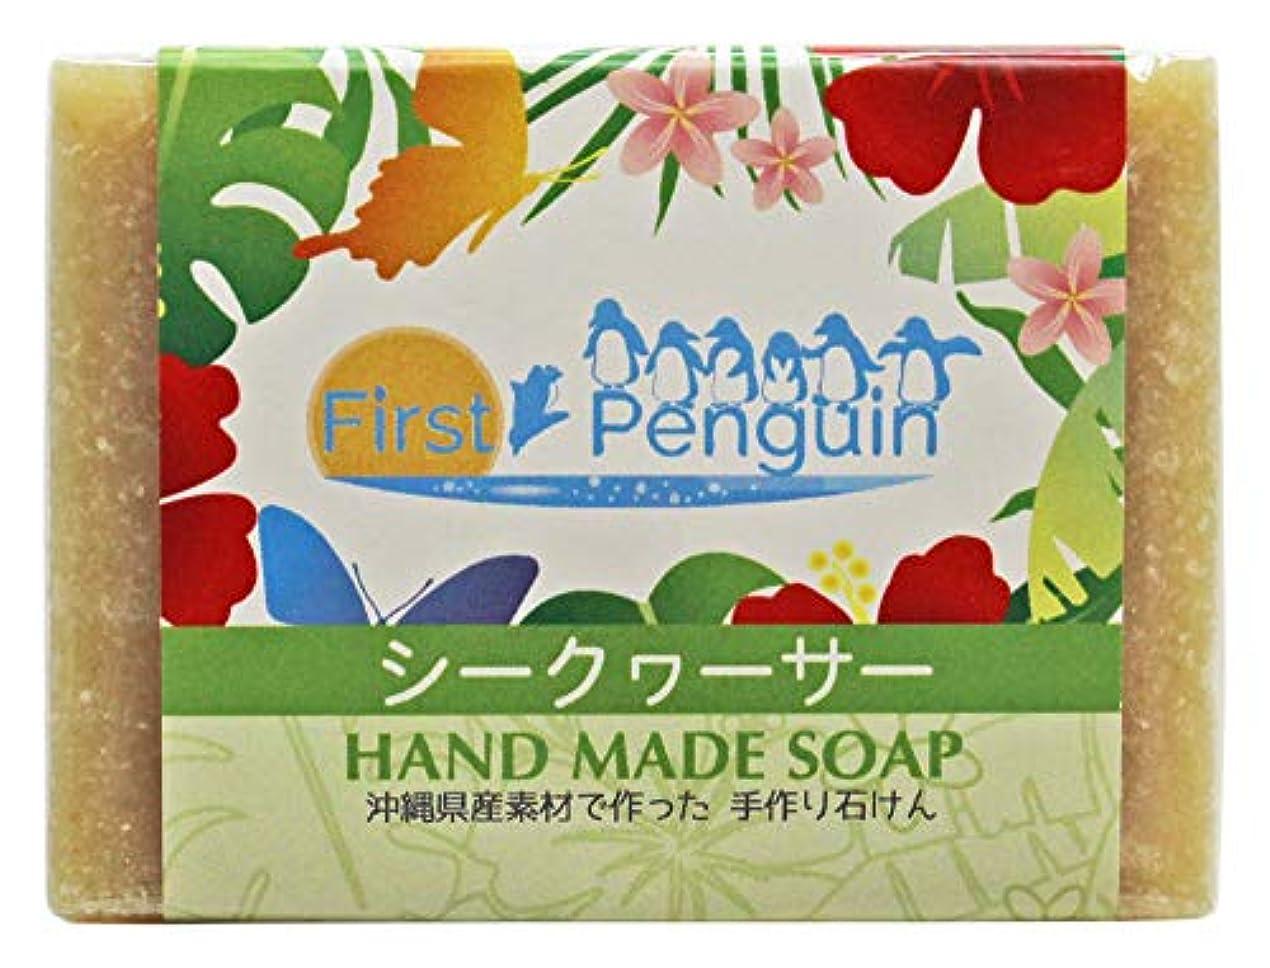 受動的安定しました必要とする手作り洗顔石けん シークヮーサー 100g